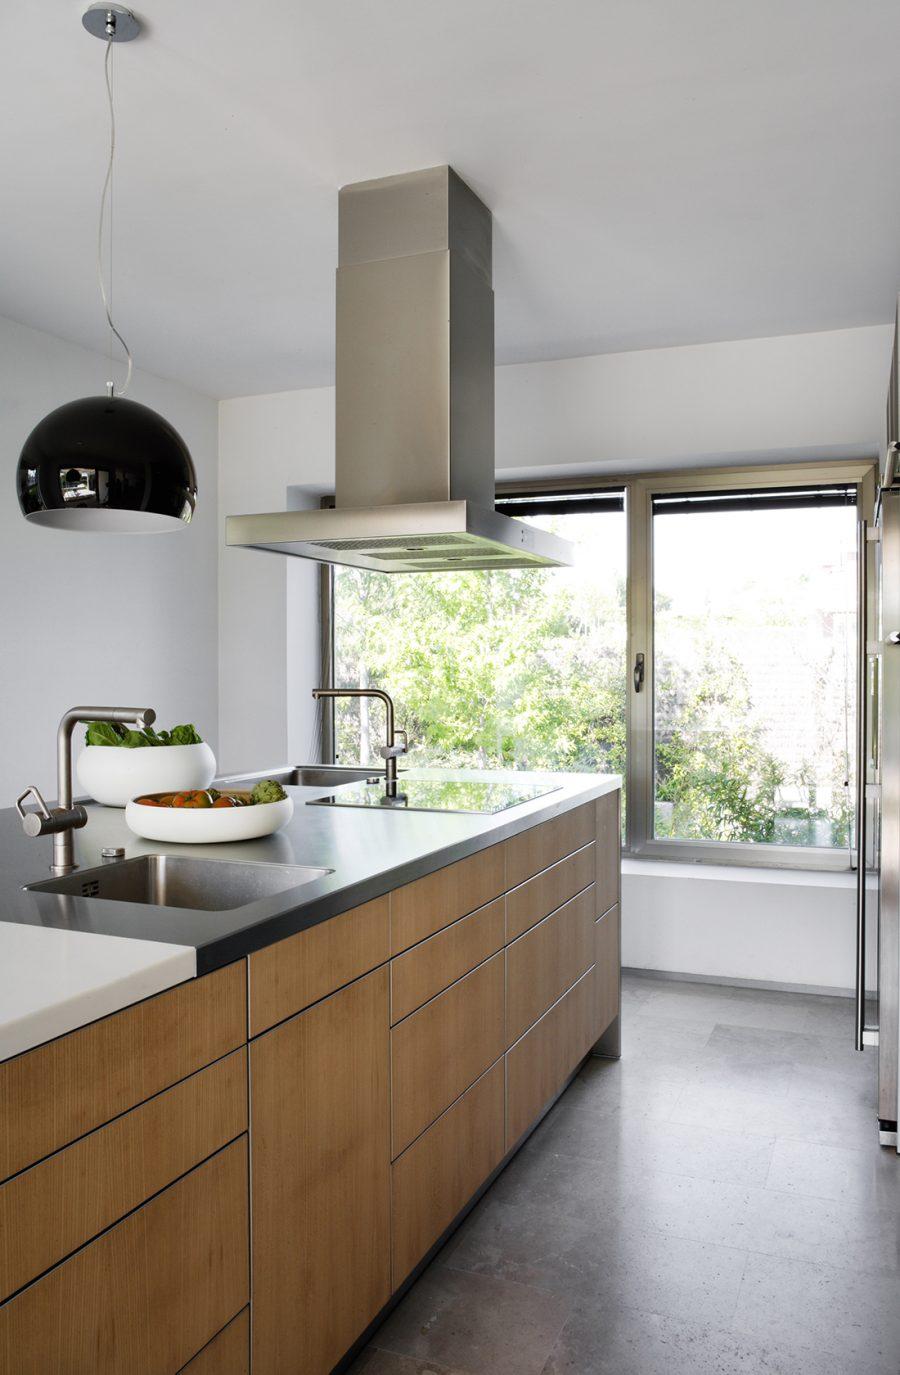 Casa i p cocina